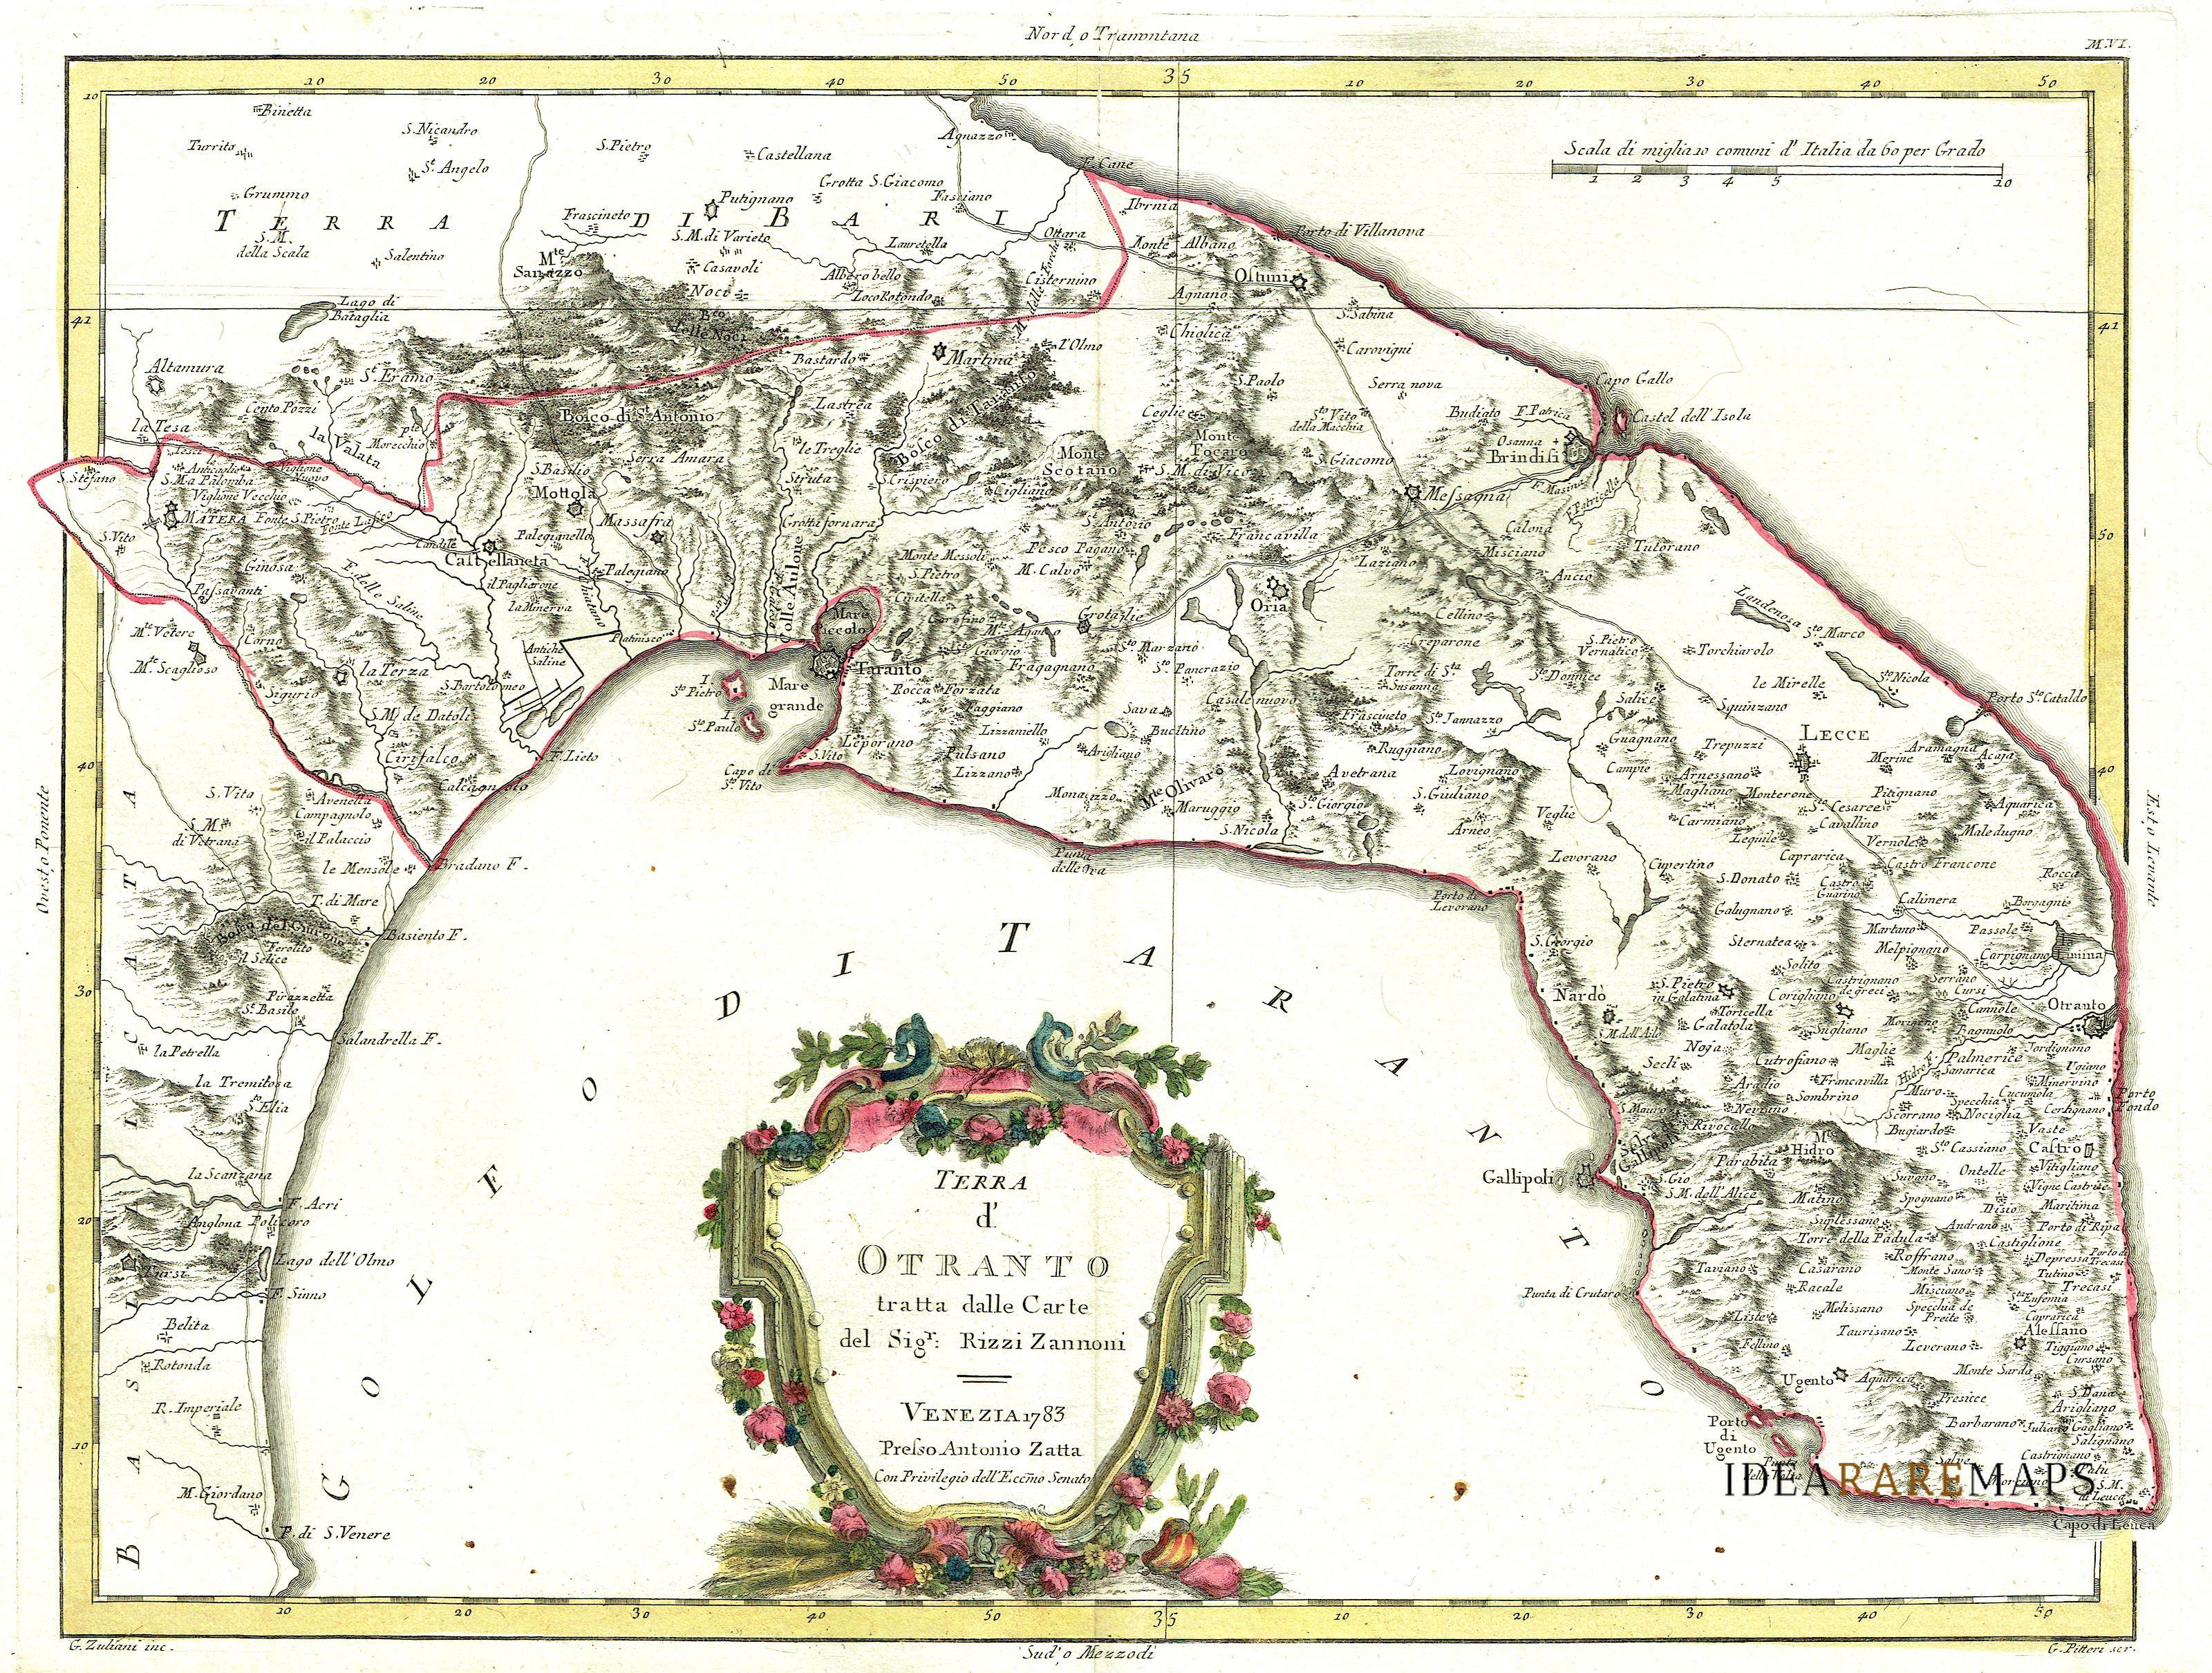 Gli Imperiale e le loro residenze in Terra d'Otranto (terza parte)